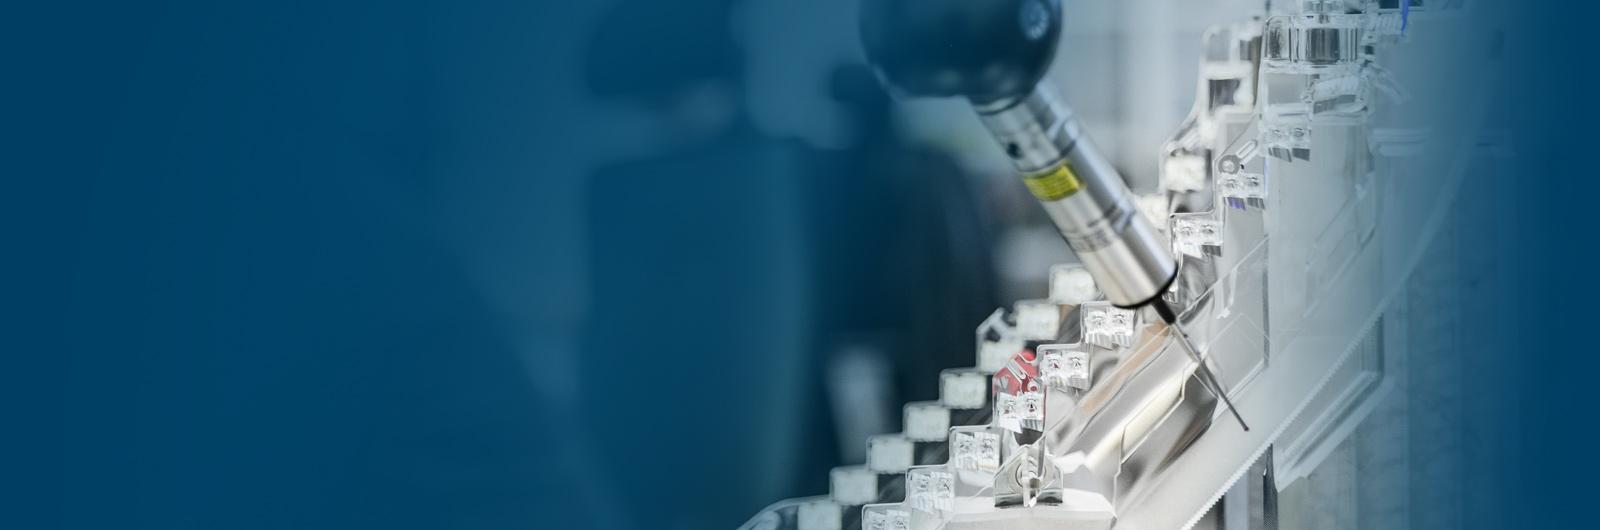 IPG s.r.o. - dodavatel plastových výrobků, vyroba vstřikovacích forem a dílů